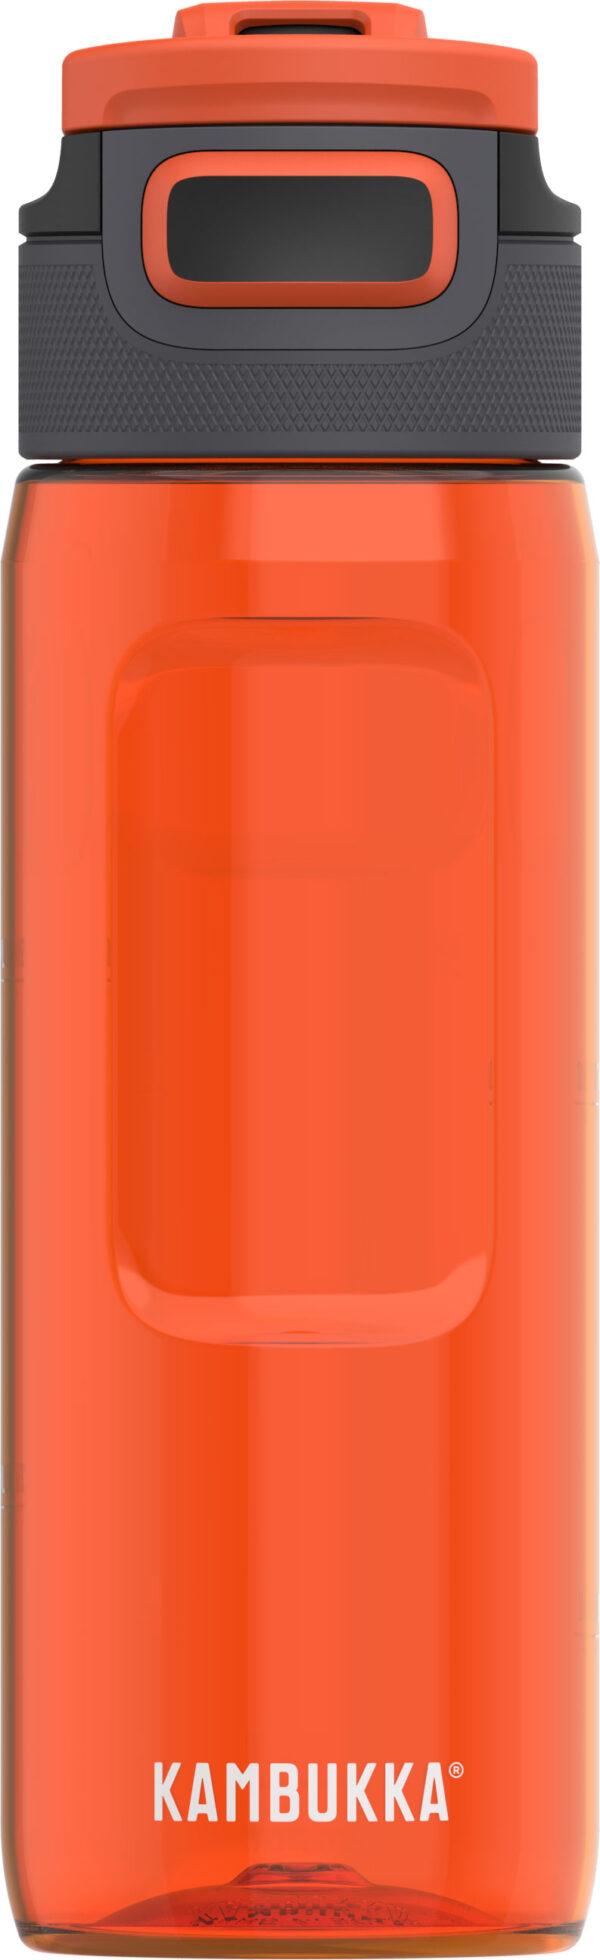 """בקבוק שתיה כתום 750 מ""""ל Kambukka Elton Amber קמבוקה"""